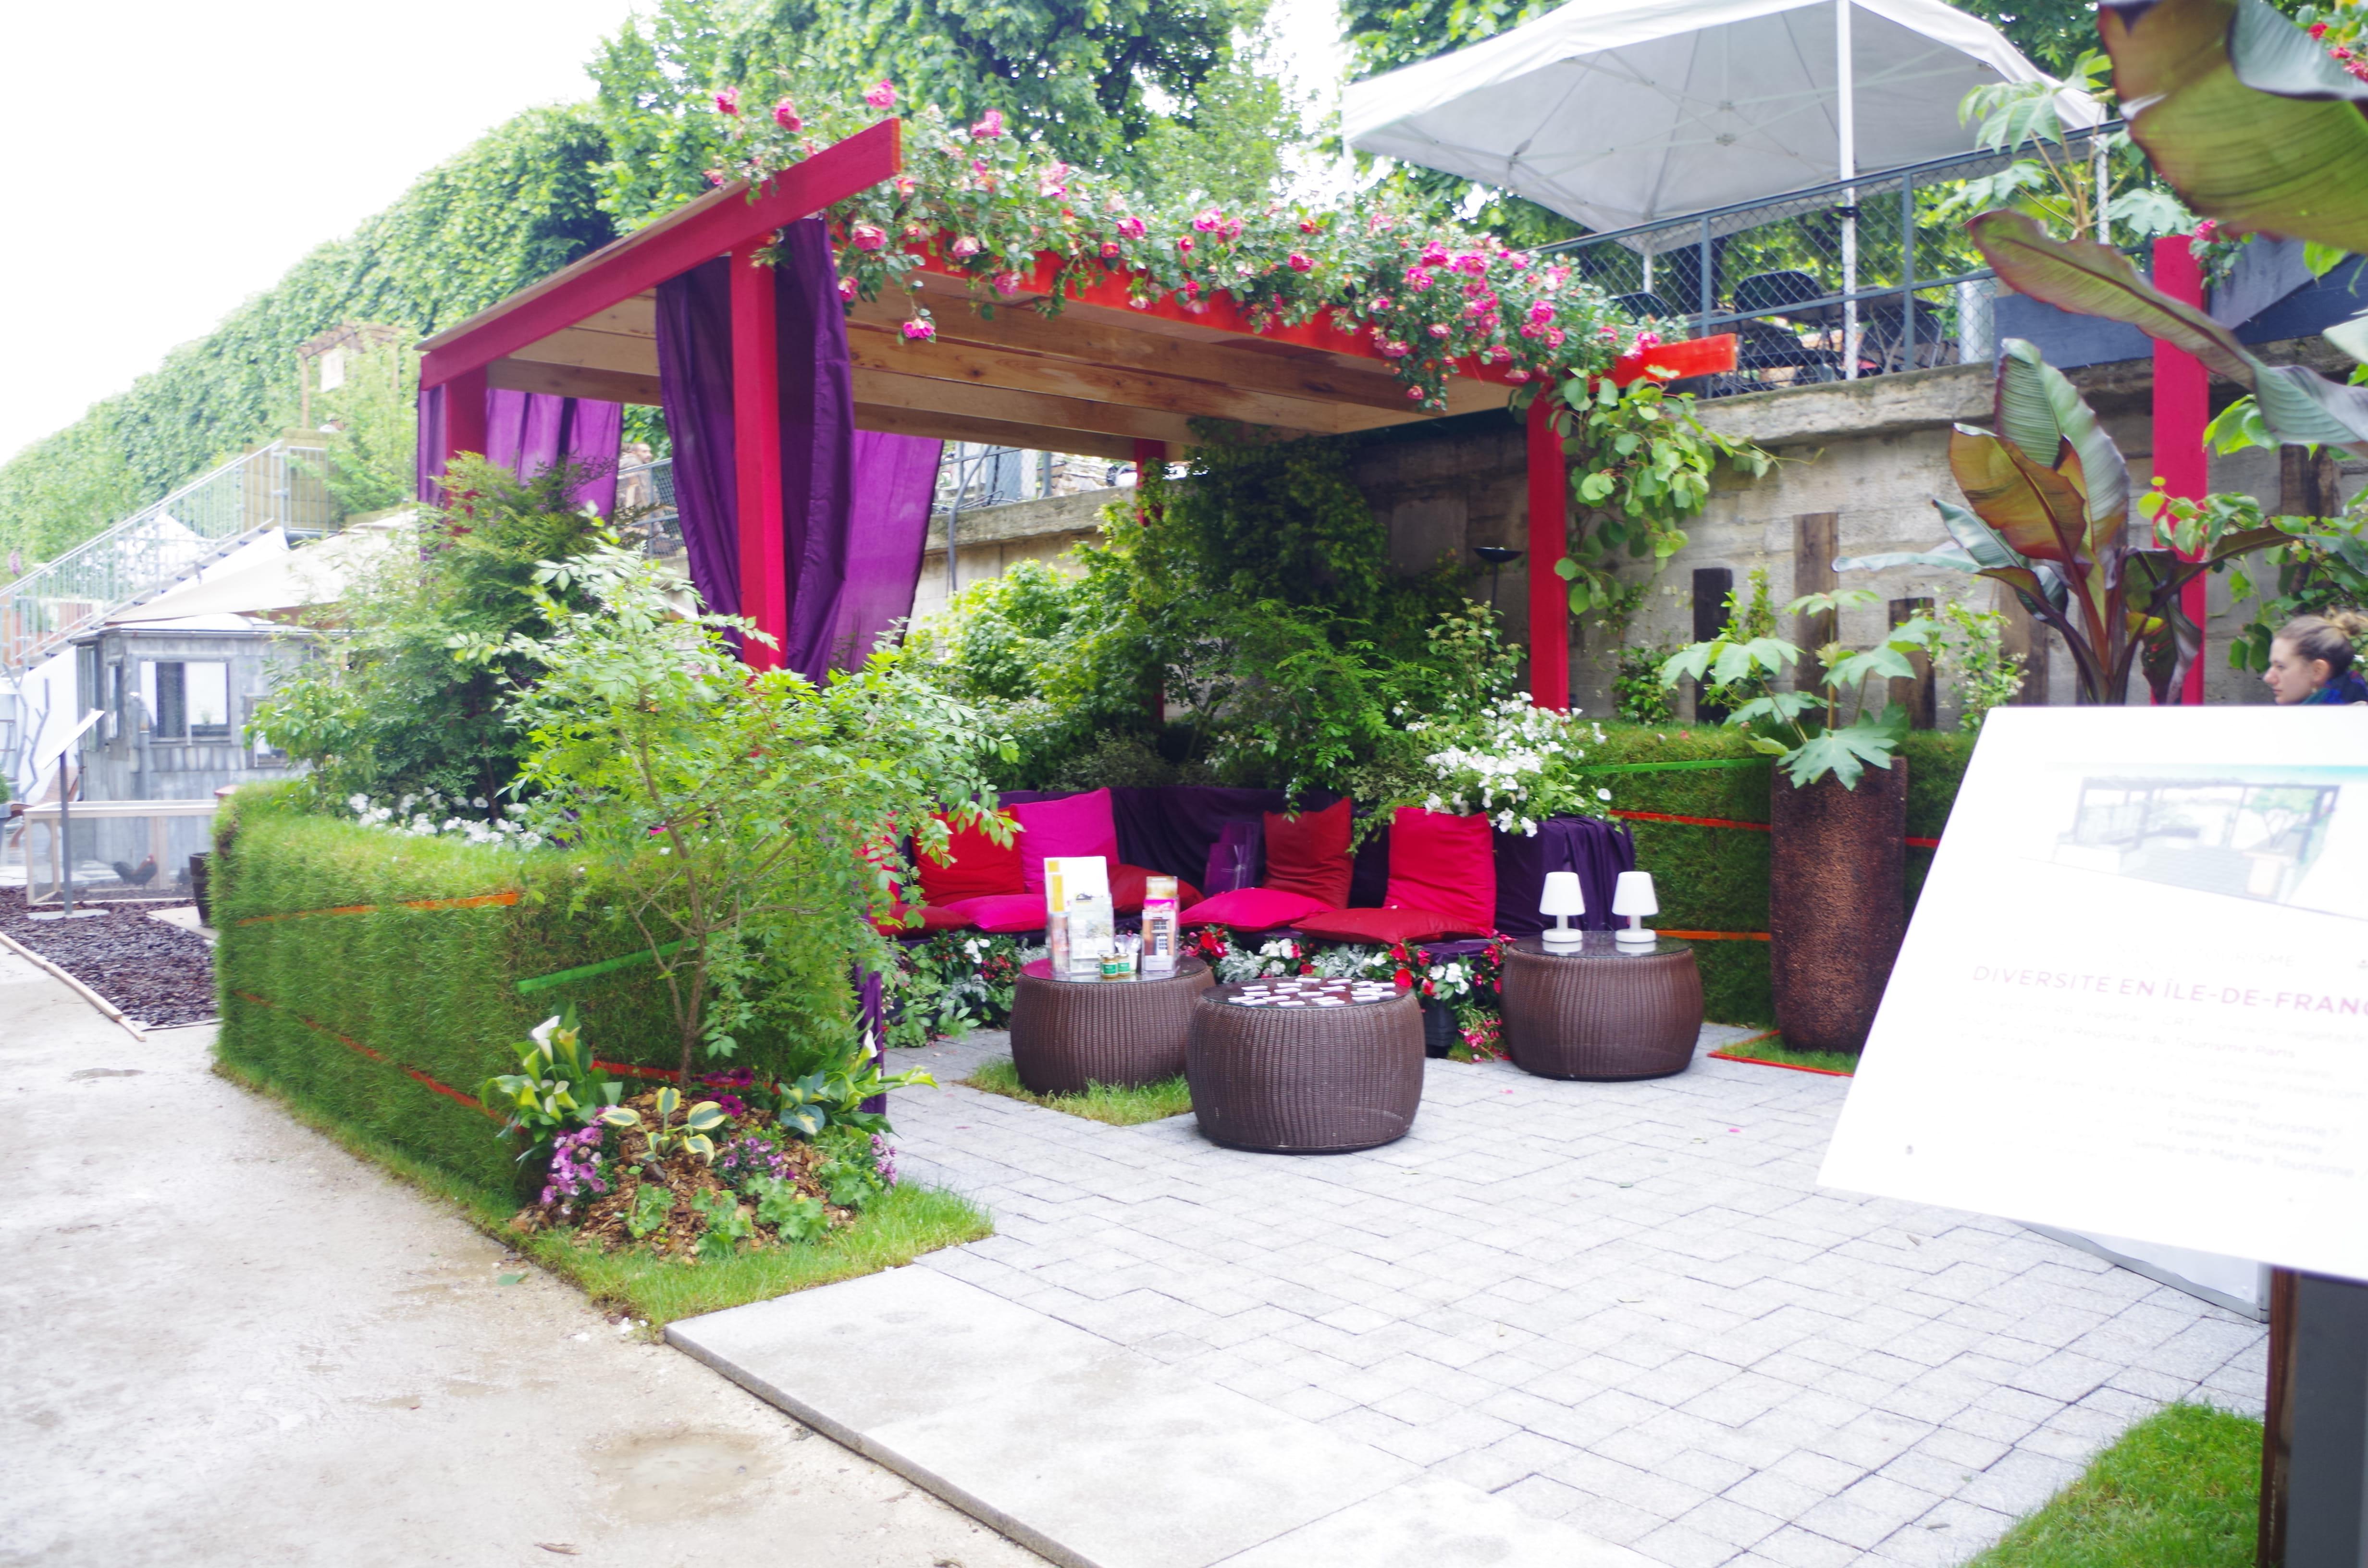 Table De Jardin Resine Et Aluminium : salon de jardin rose et violet  Jardins, jardin 2016  nos coups de